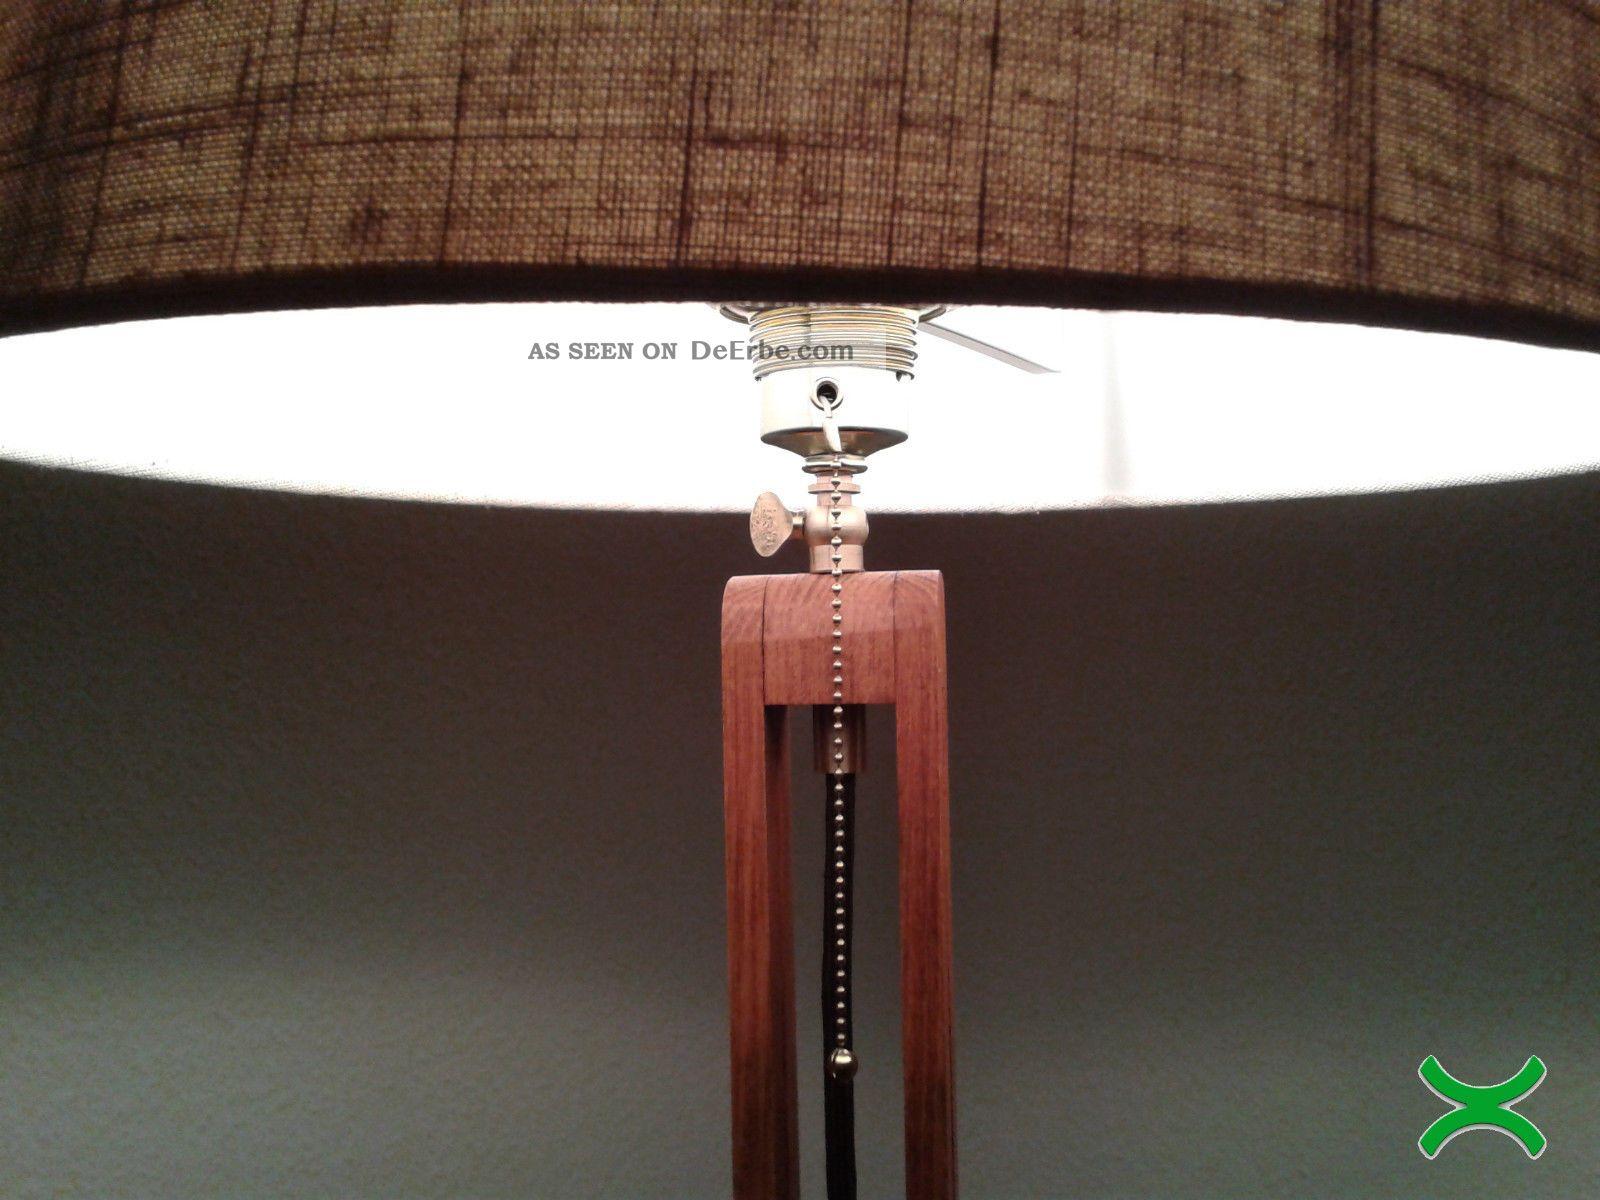 fabelhafte lampe holz design fotos erindzain. Black Bedroom Furniture Sets. Home Design Ideas